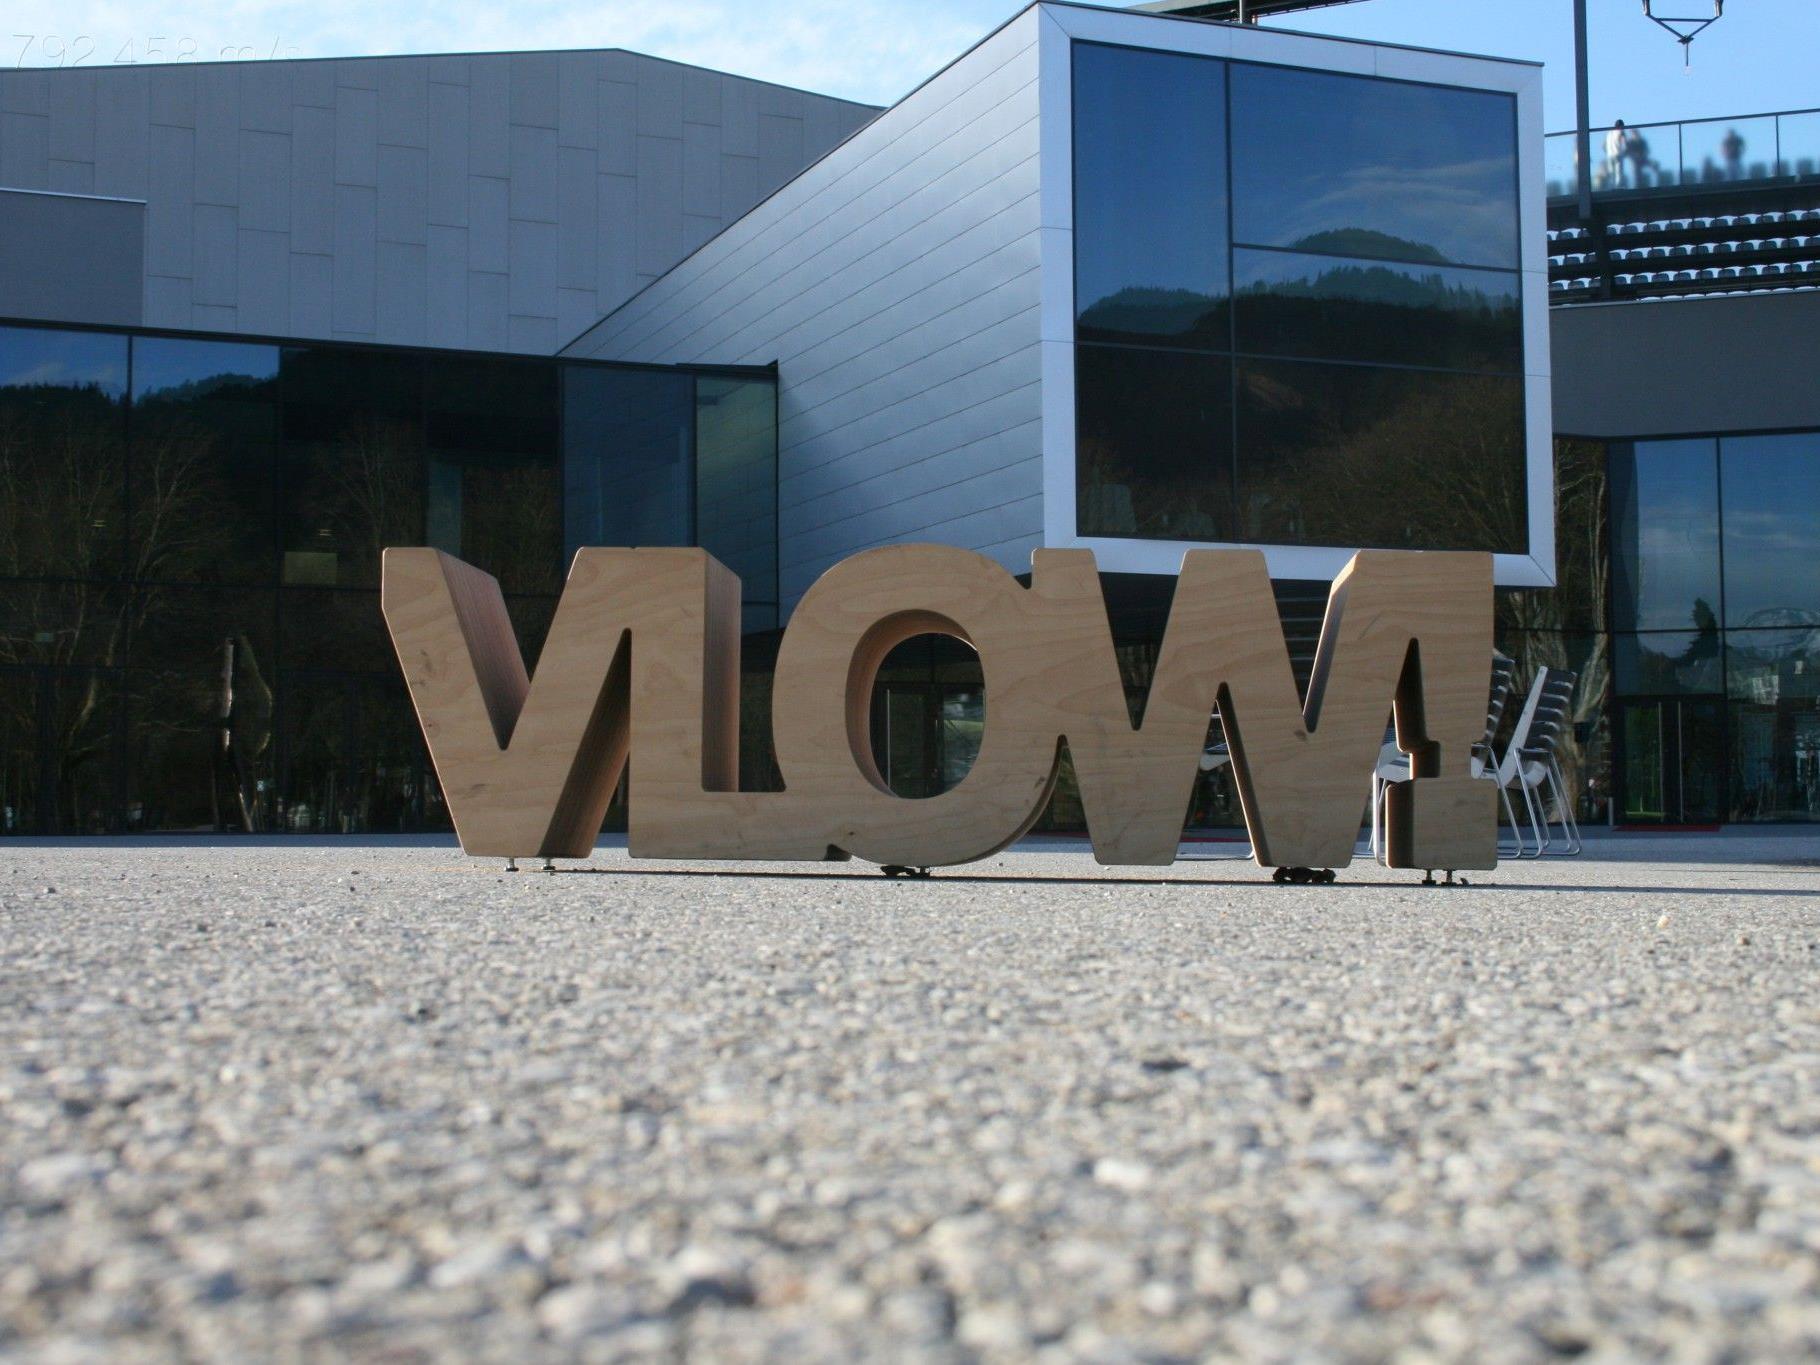 Rund 300 Teilnehmer erwarten die Veranstalter beim Kommunikations- und Designkongresses VLOW!12 Anfang Oktober.